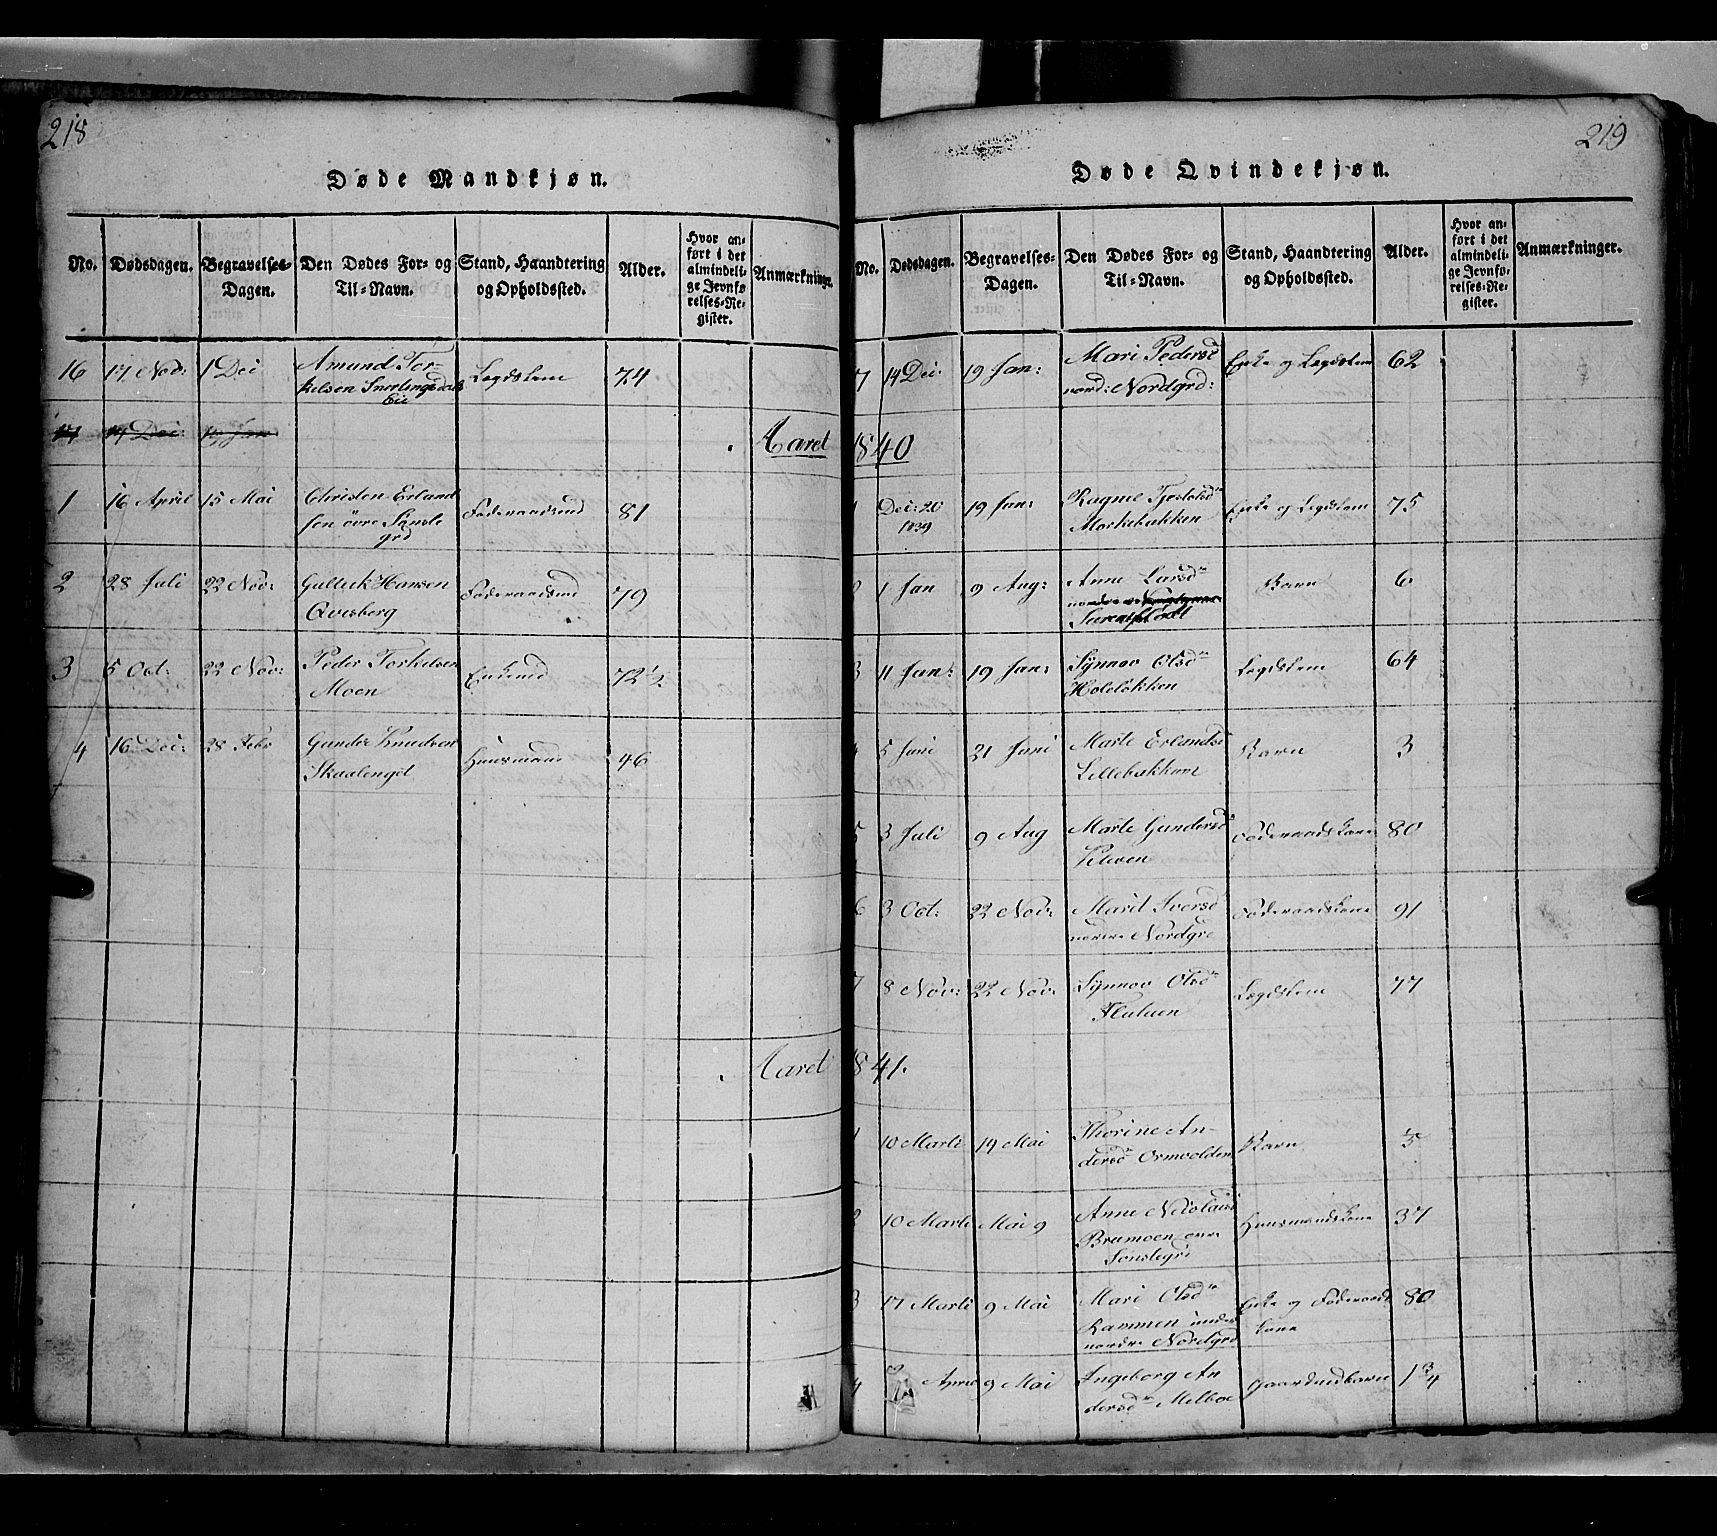 SAH, Gausdal prestekontor, Klokkerbok nr. 2, 1818-1874, s. 218-219